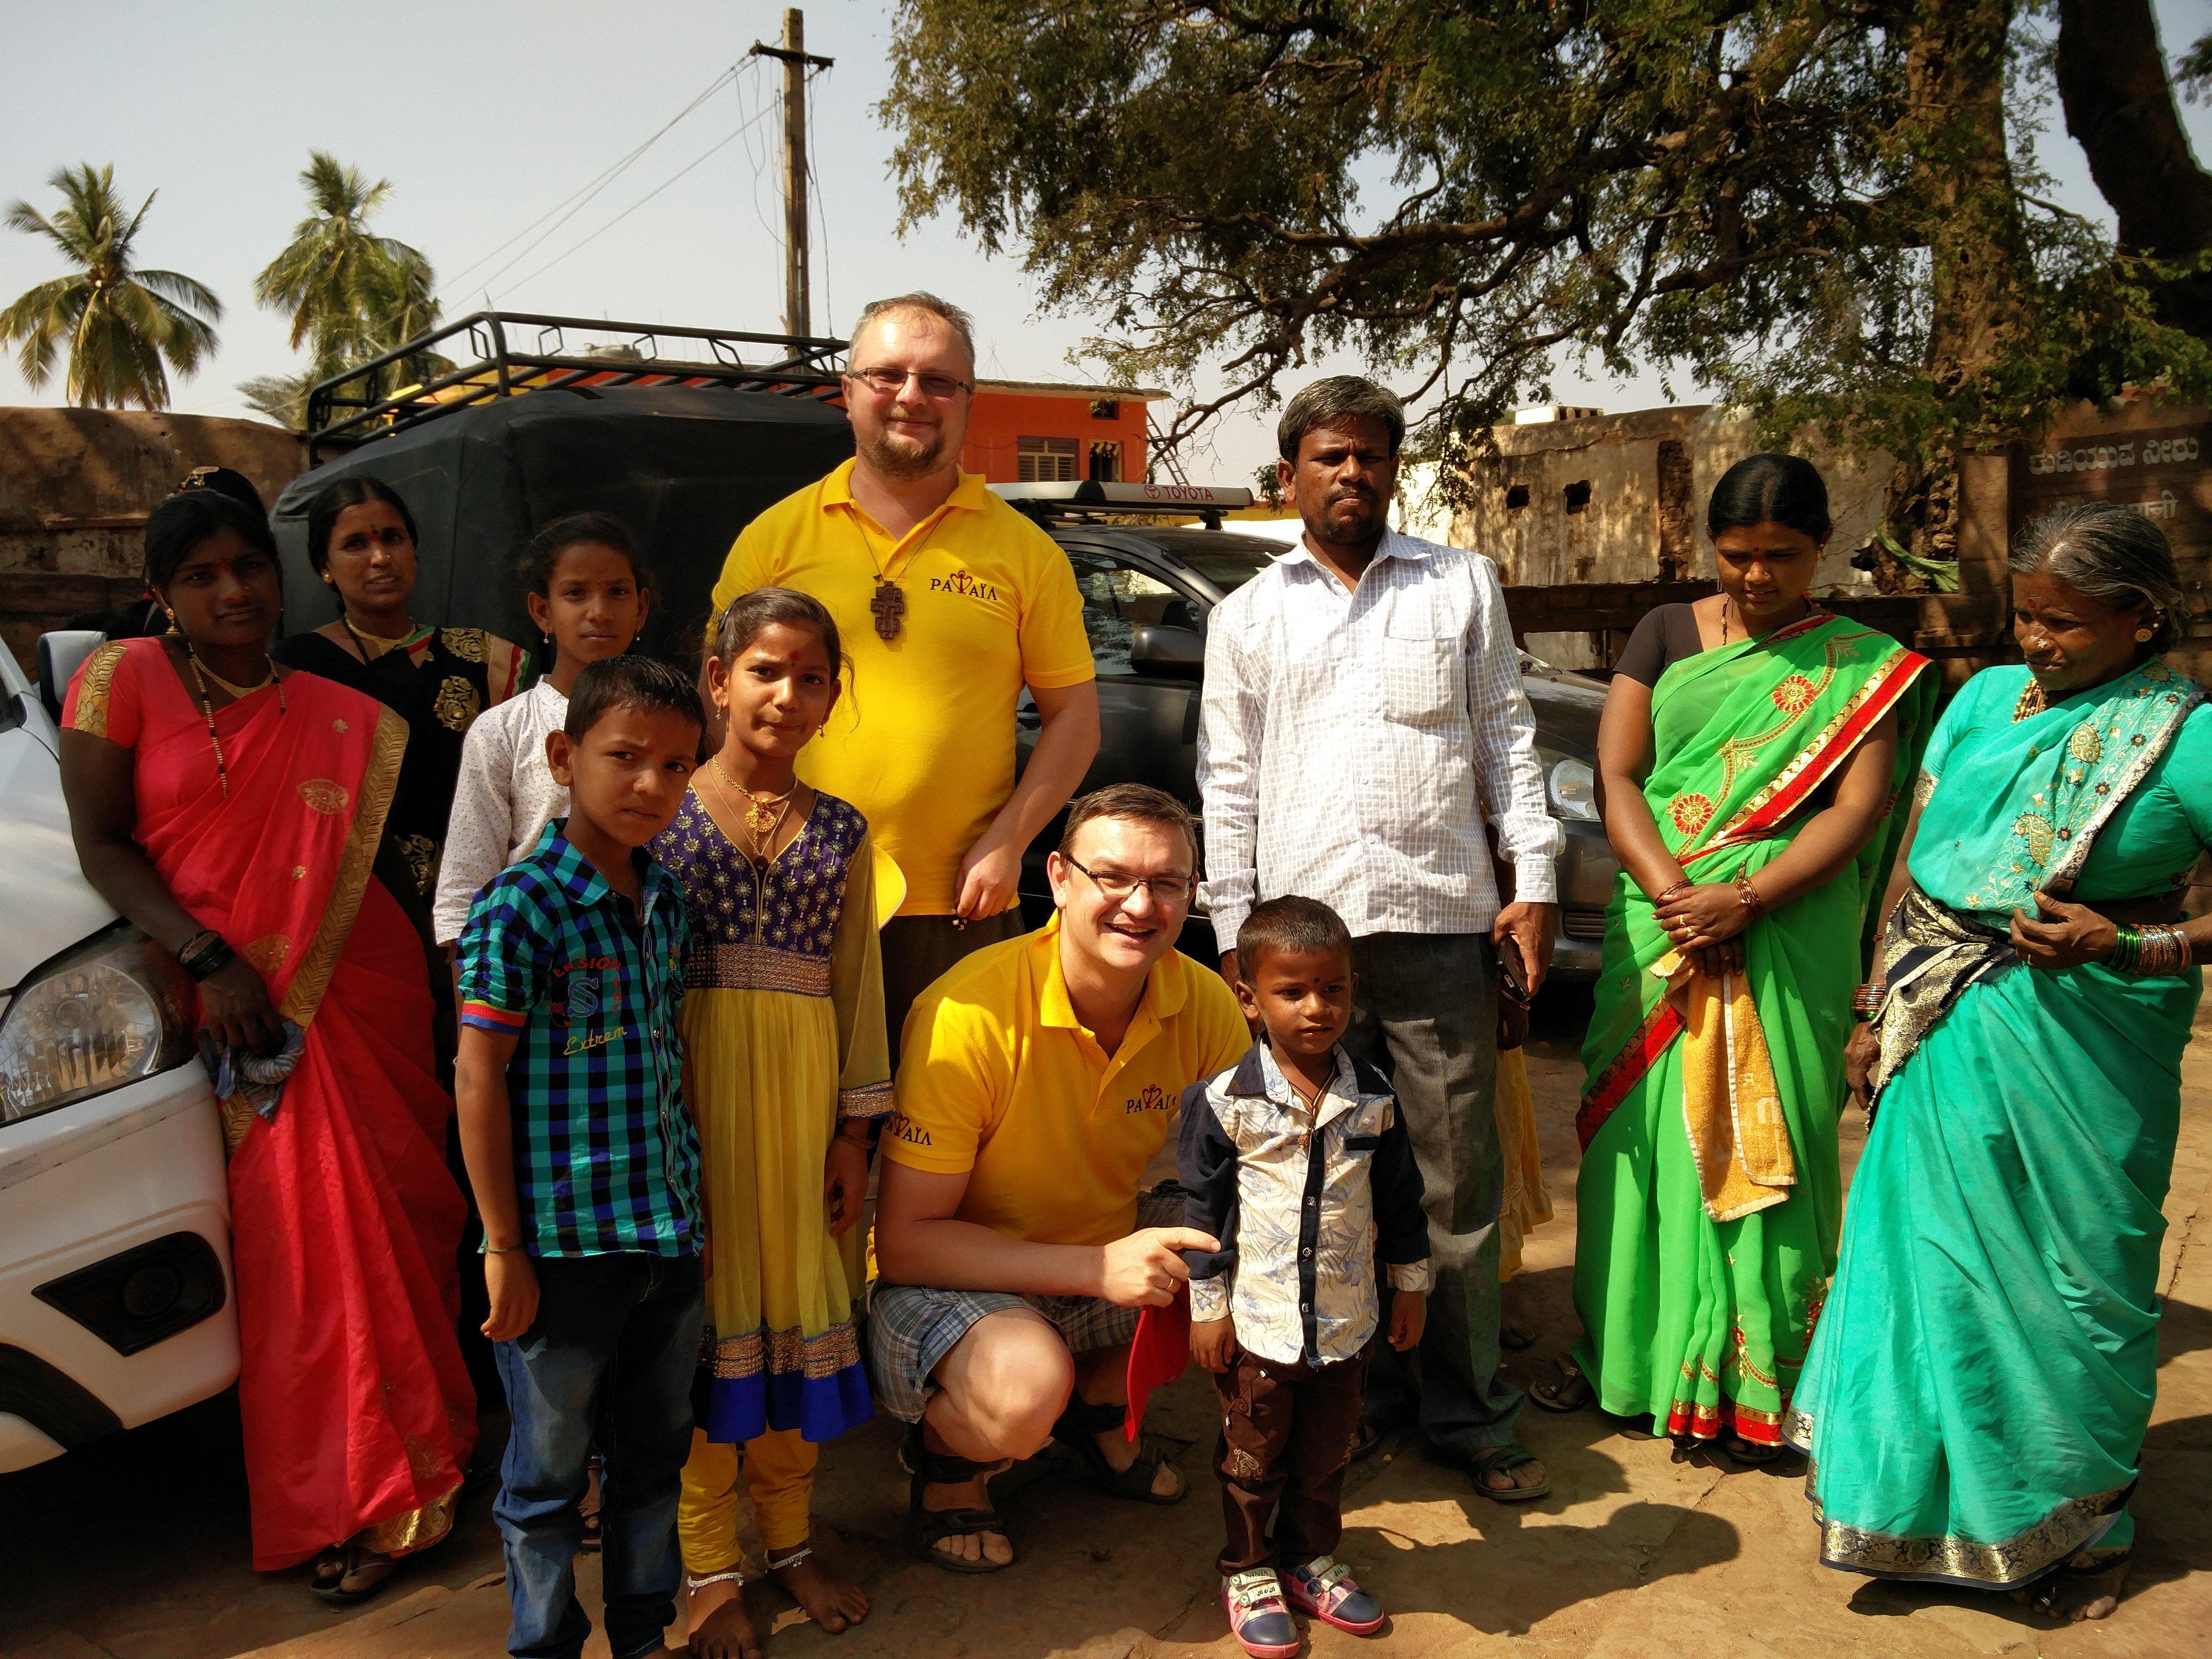 Індія — несподівана і щаслива